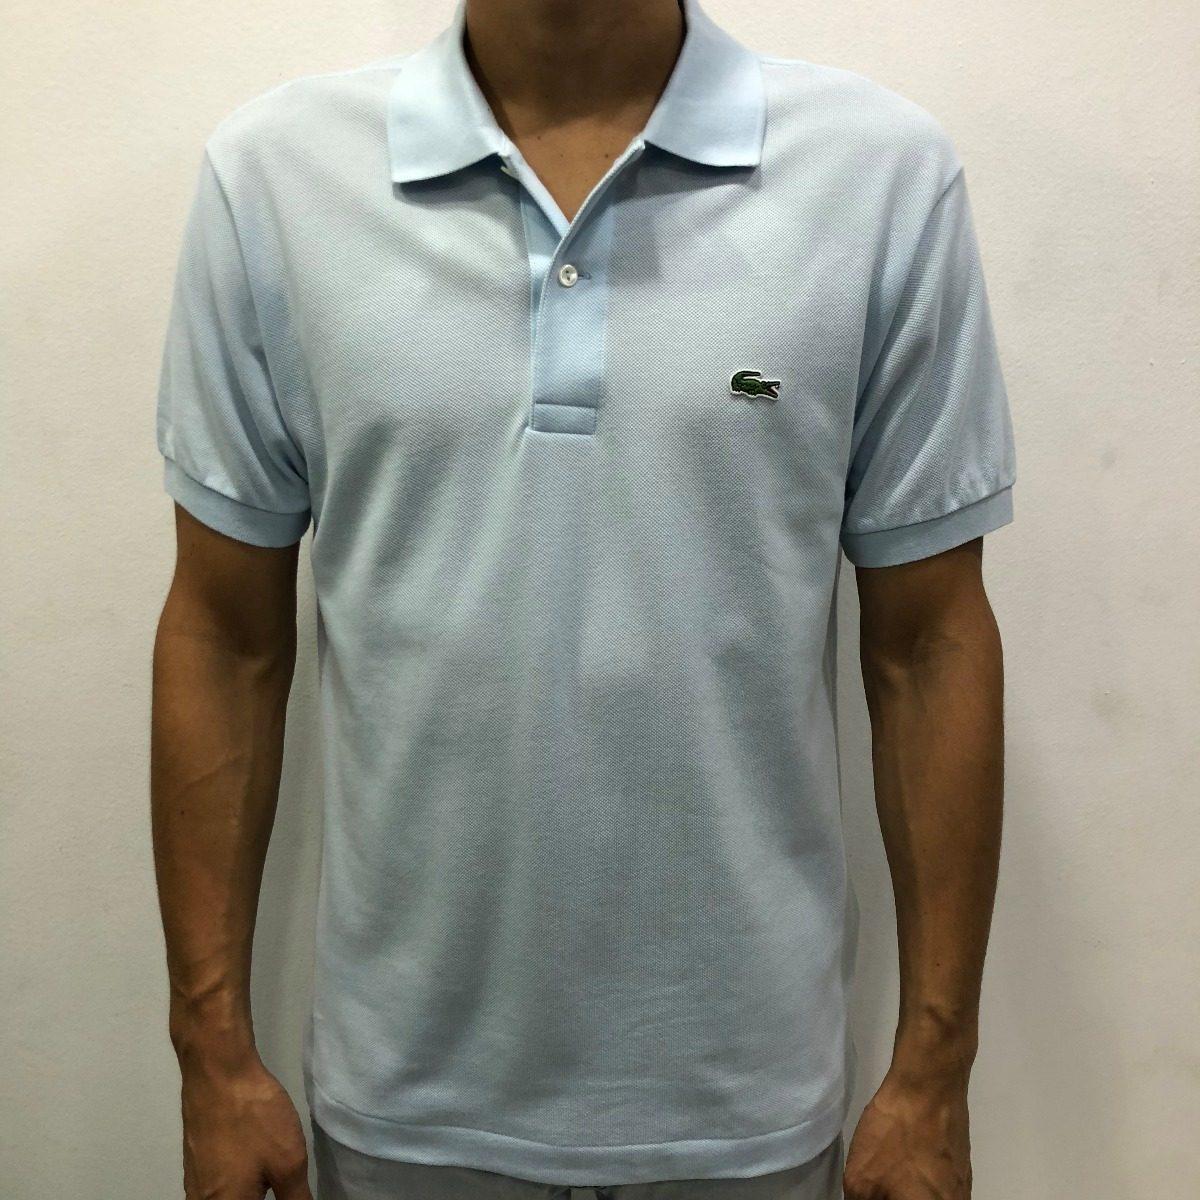 Camisa Polo Lacoste Lisa Azul Cod.045 - R  279,00 em Mercado Livre e427cad670